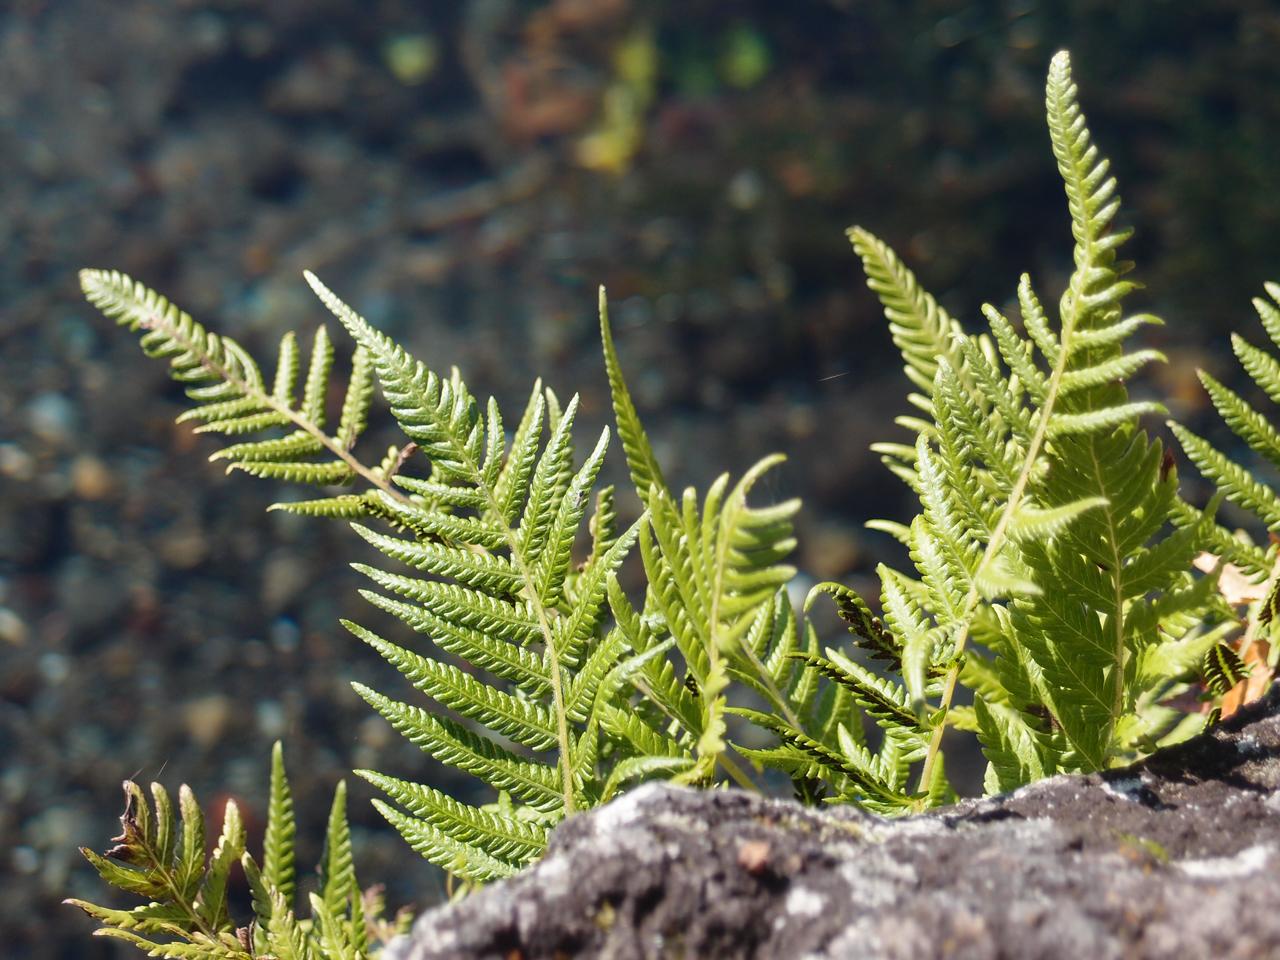 川辺の植物